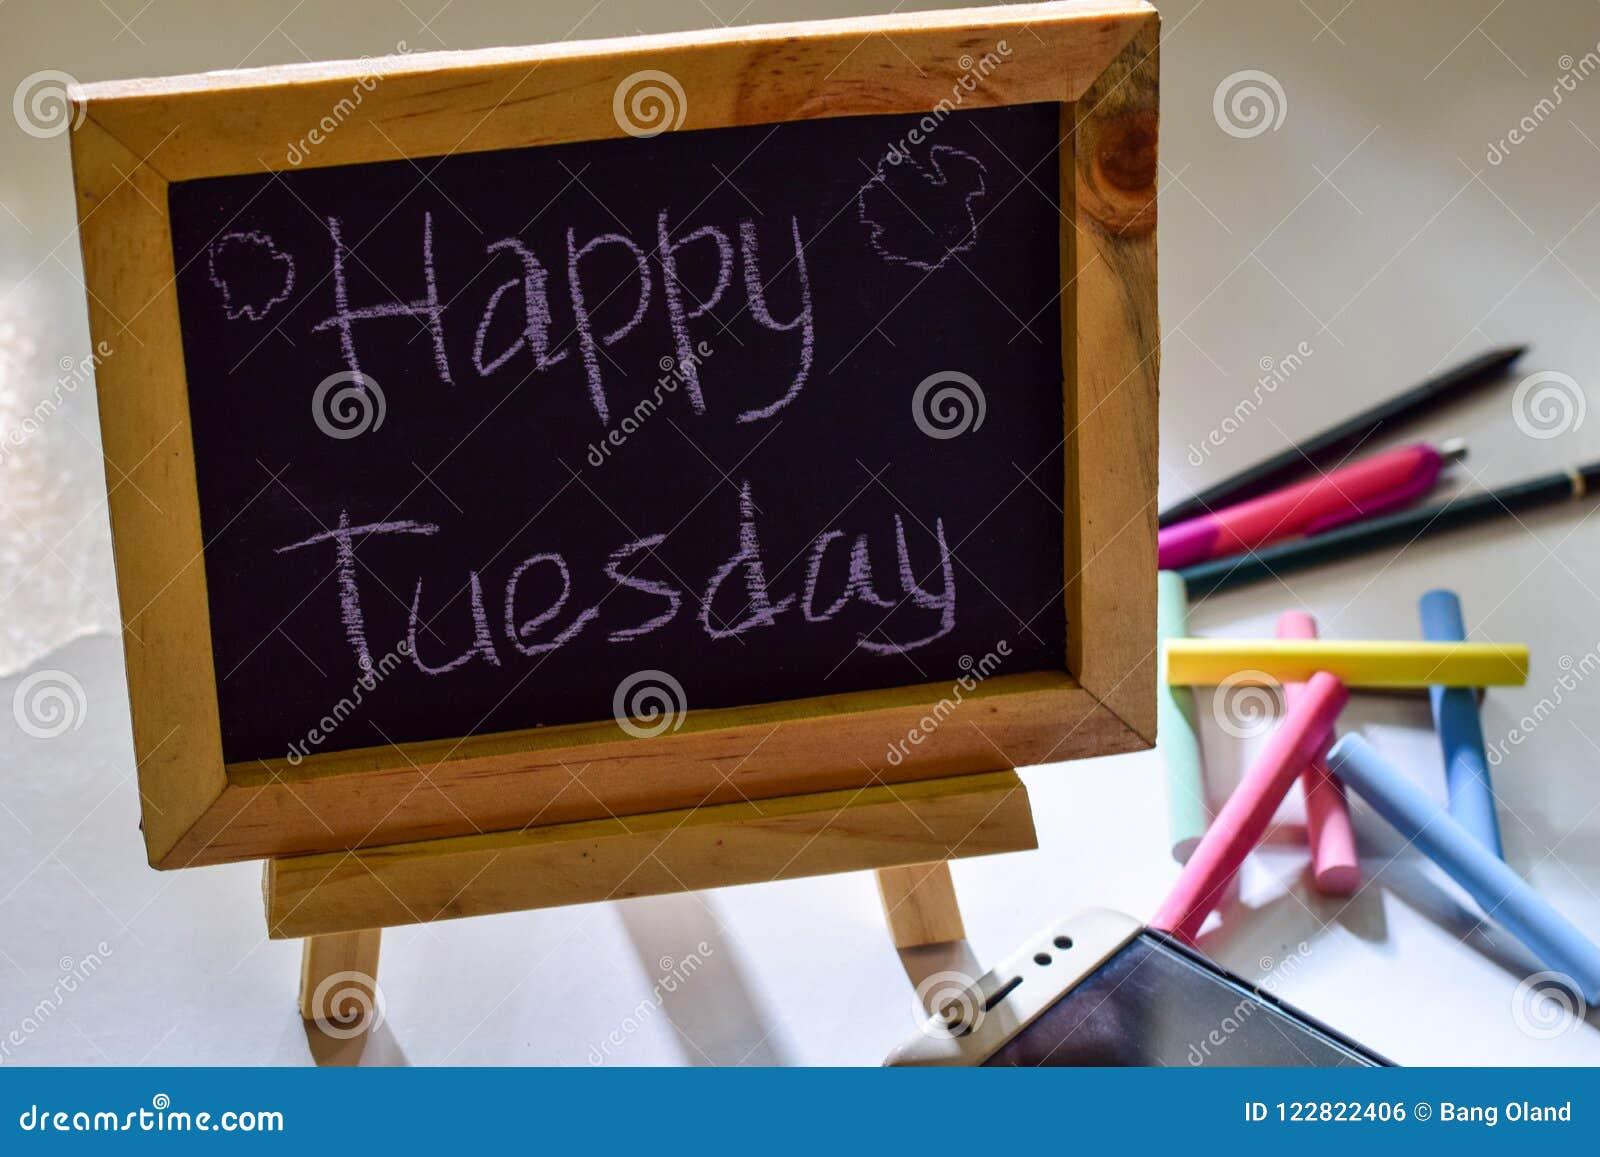 Exprese martes feliz escrito en una pizarra en ella y el smartphone, tiza colorida